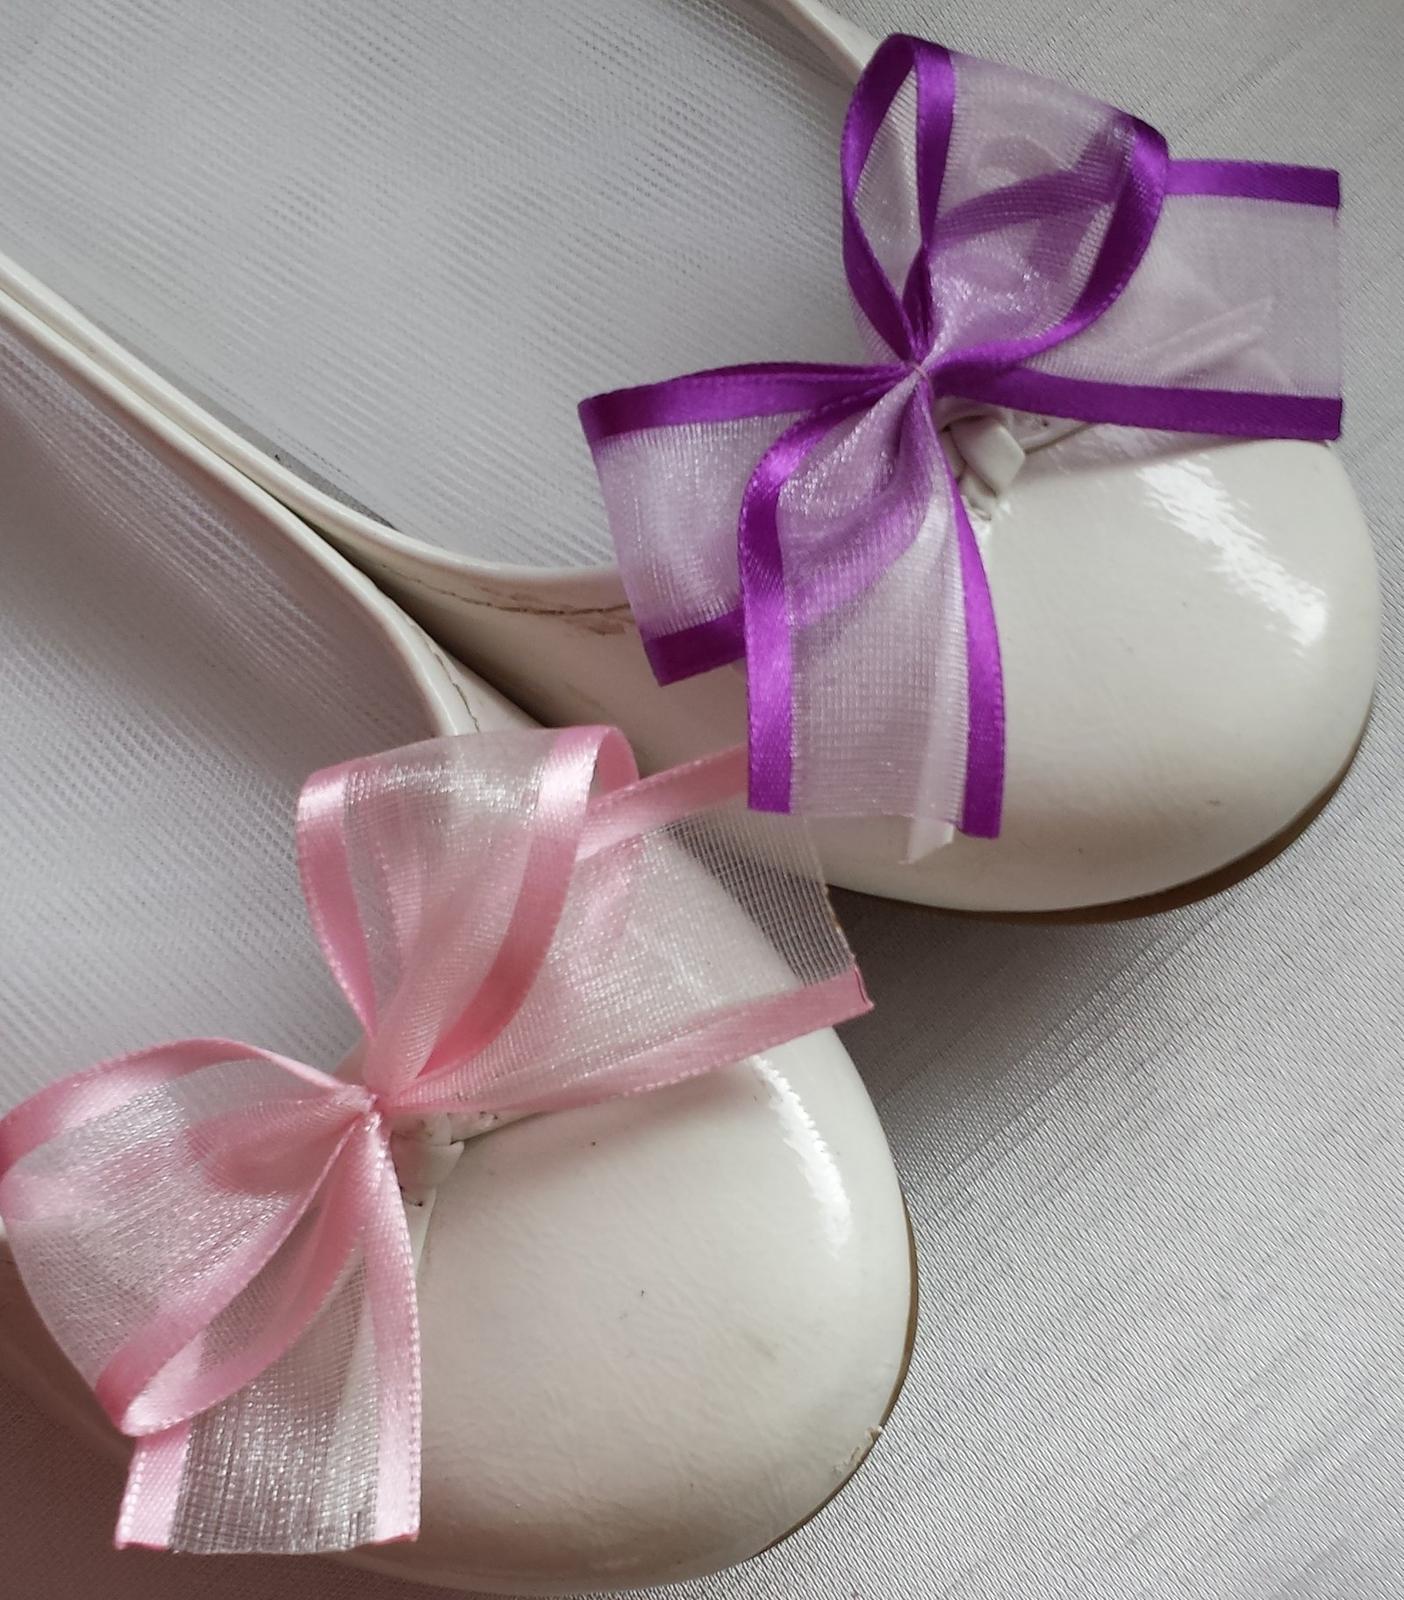 Klipy na boty pro nevěstu s růžovou mašličkou - Obrázek č. 4